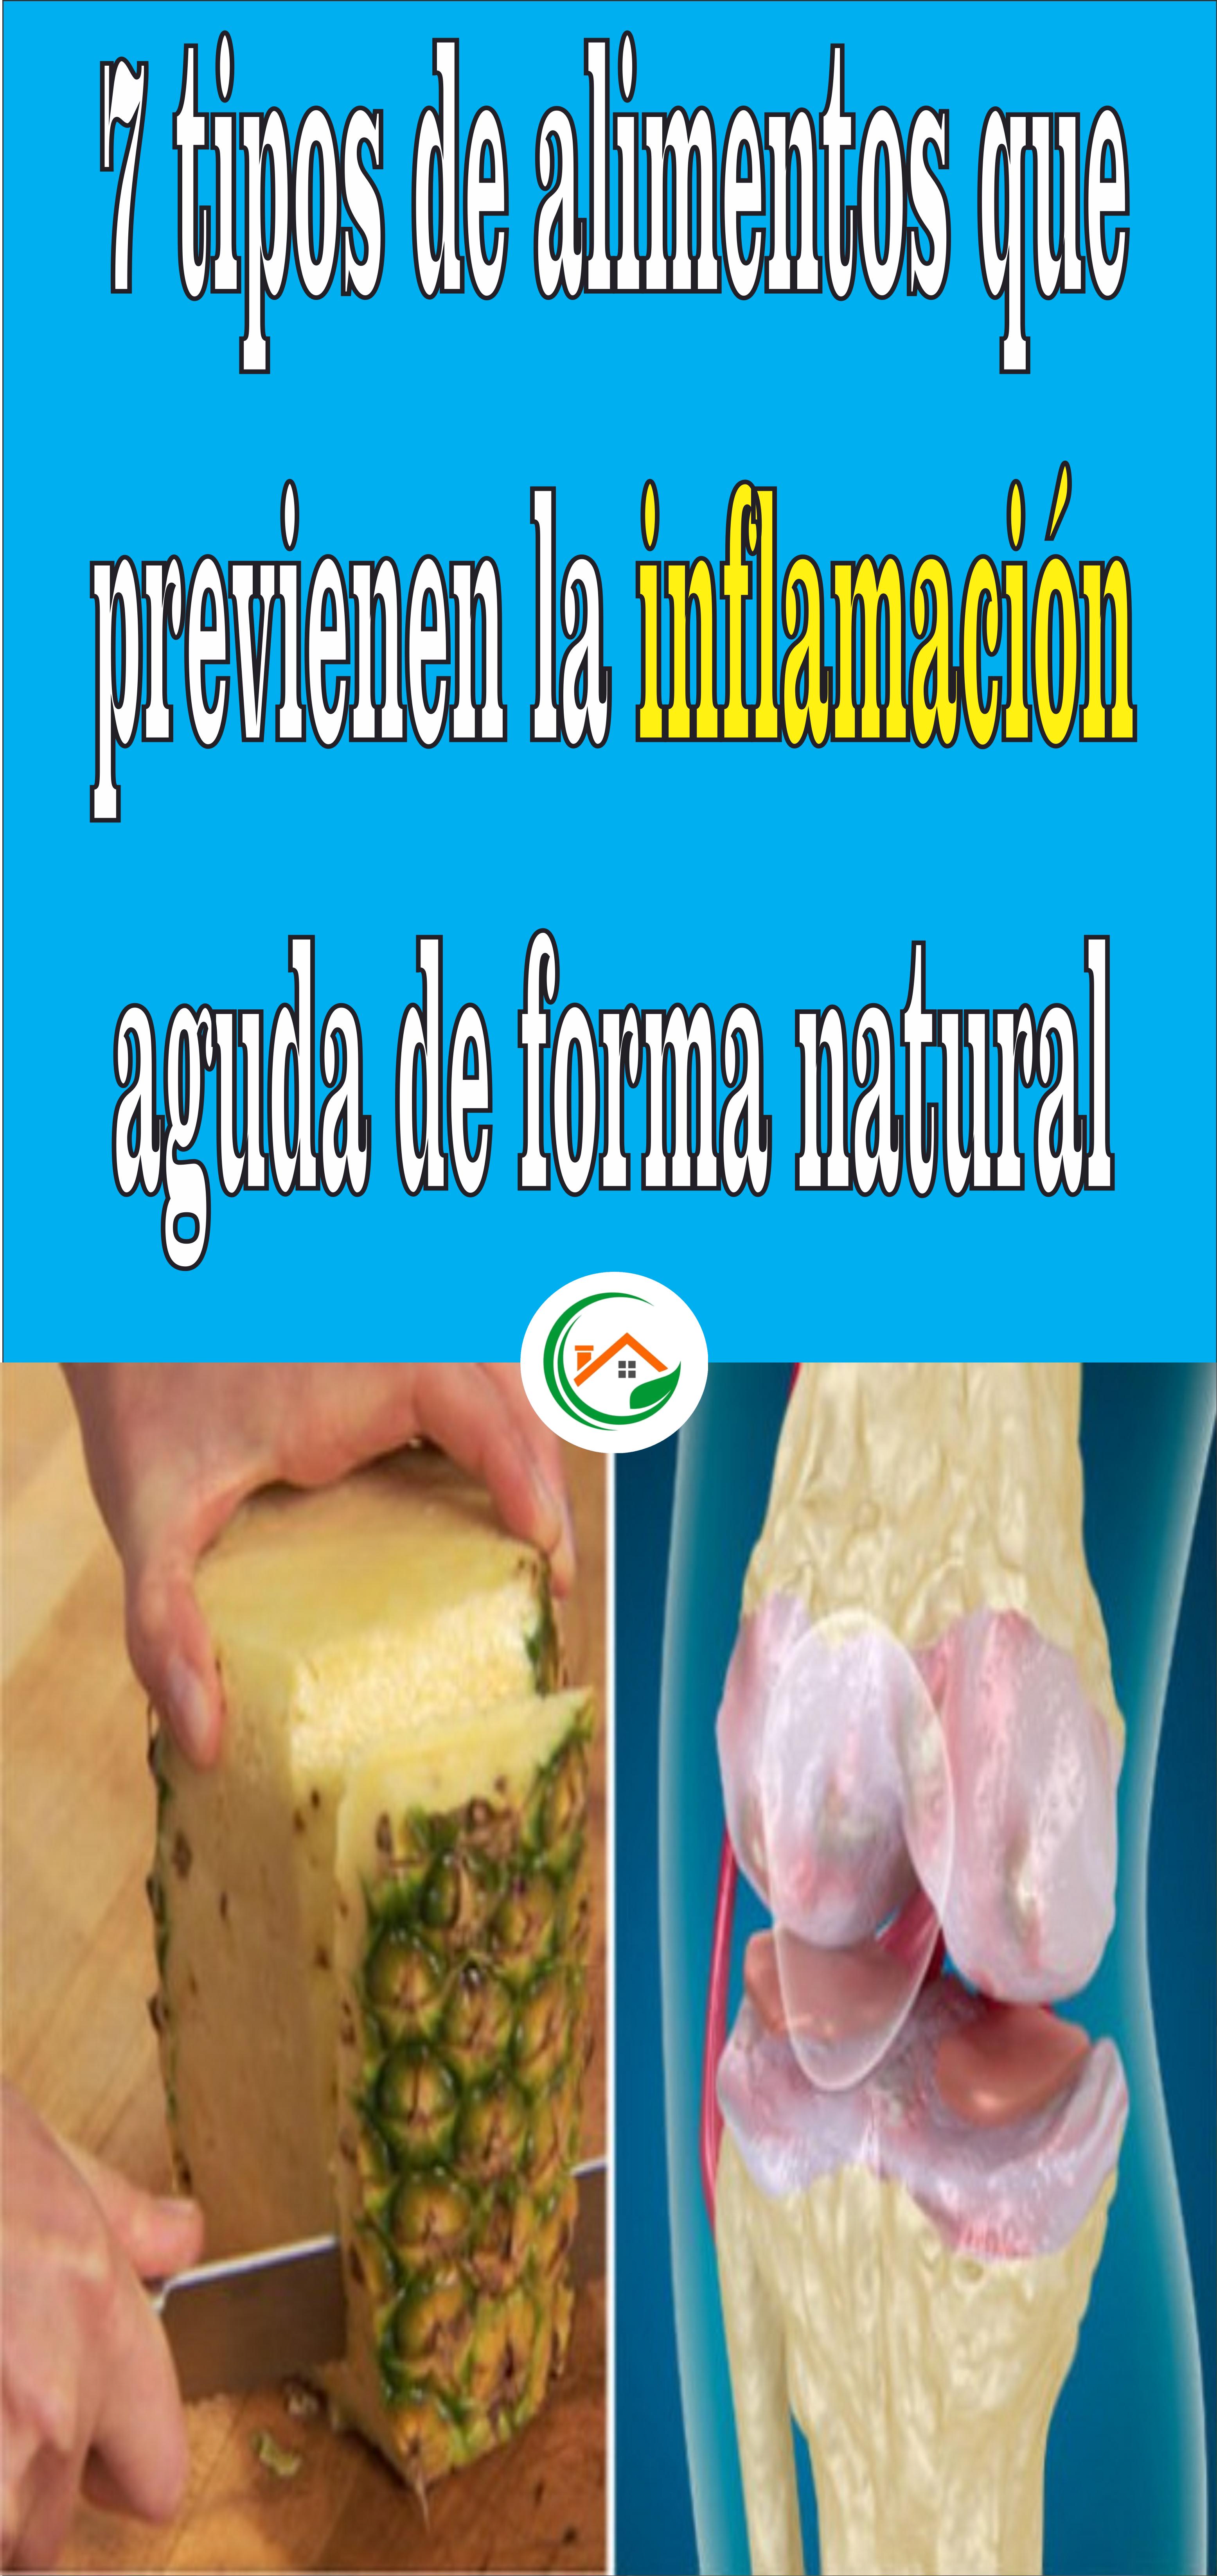 Alimentos Que Previenen La Inflamación Aguda De Forma Natural In 2021